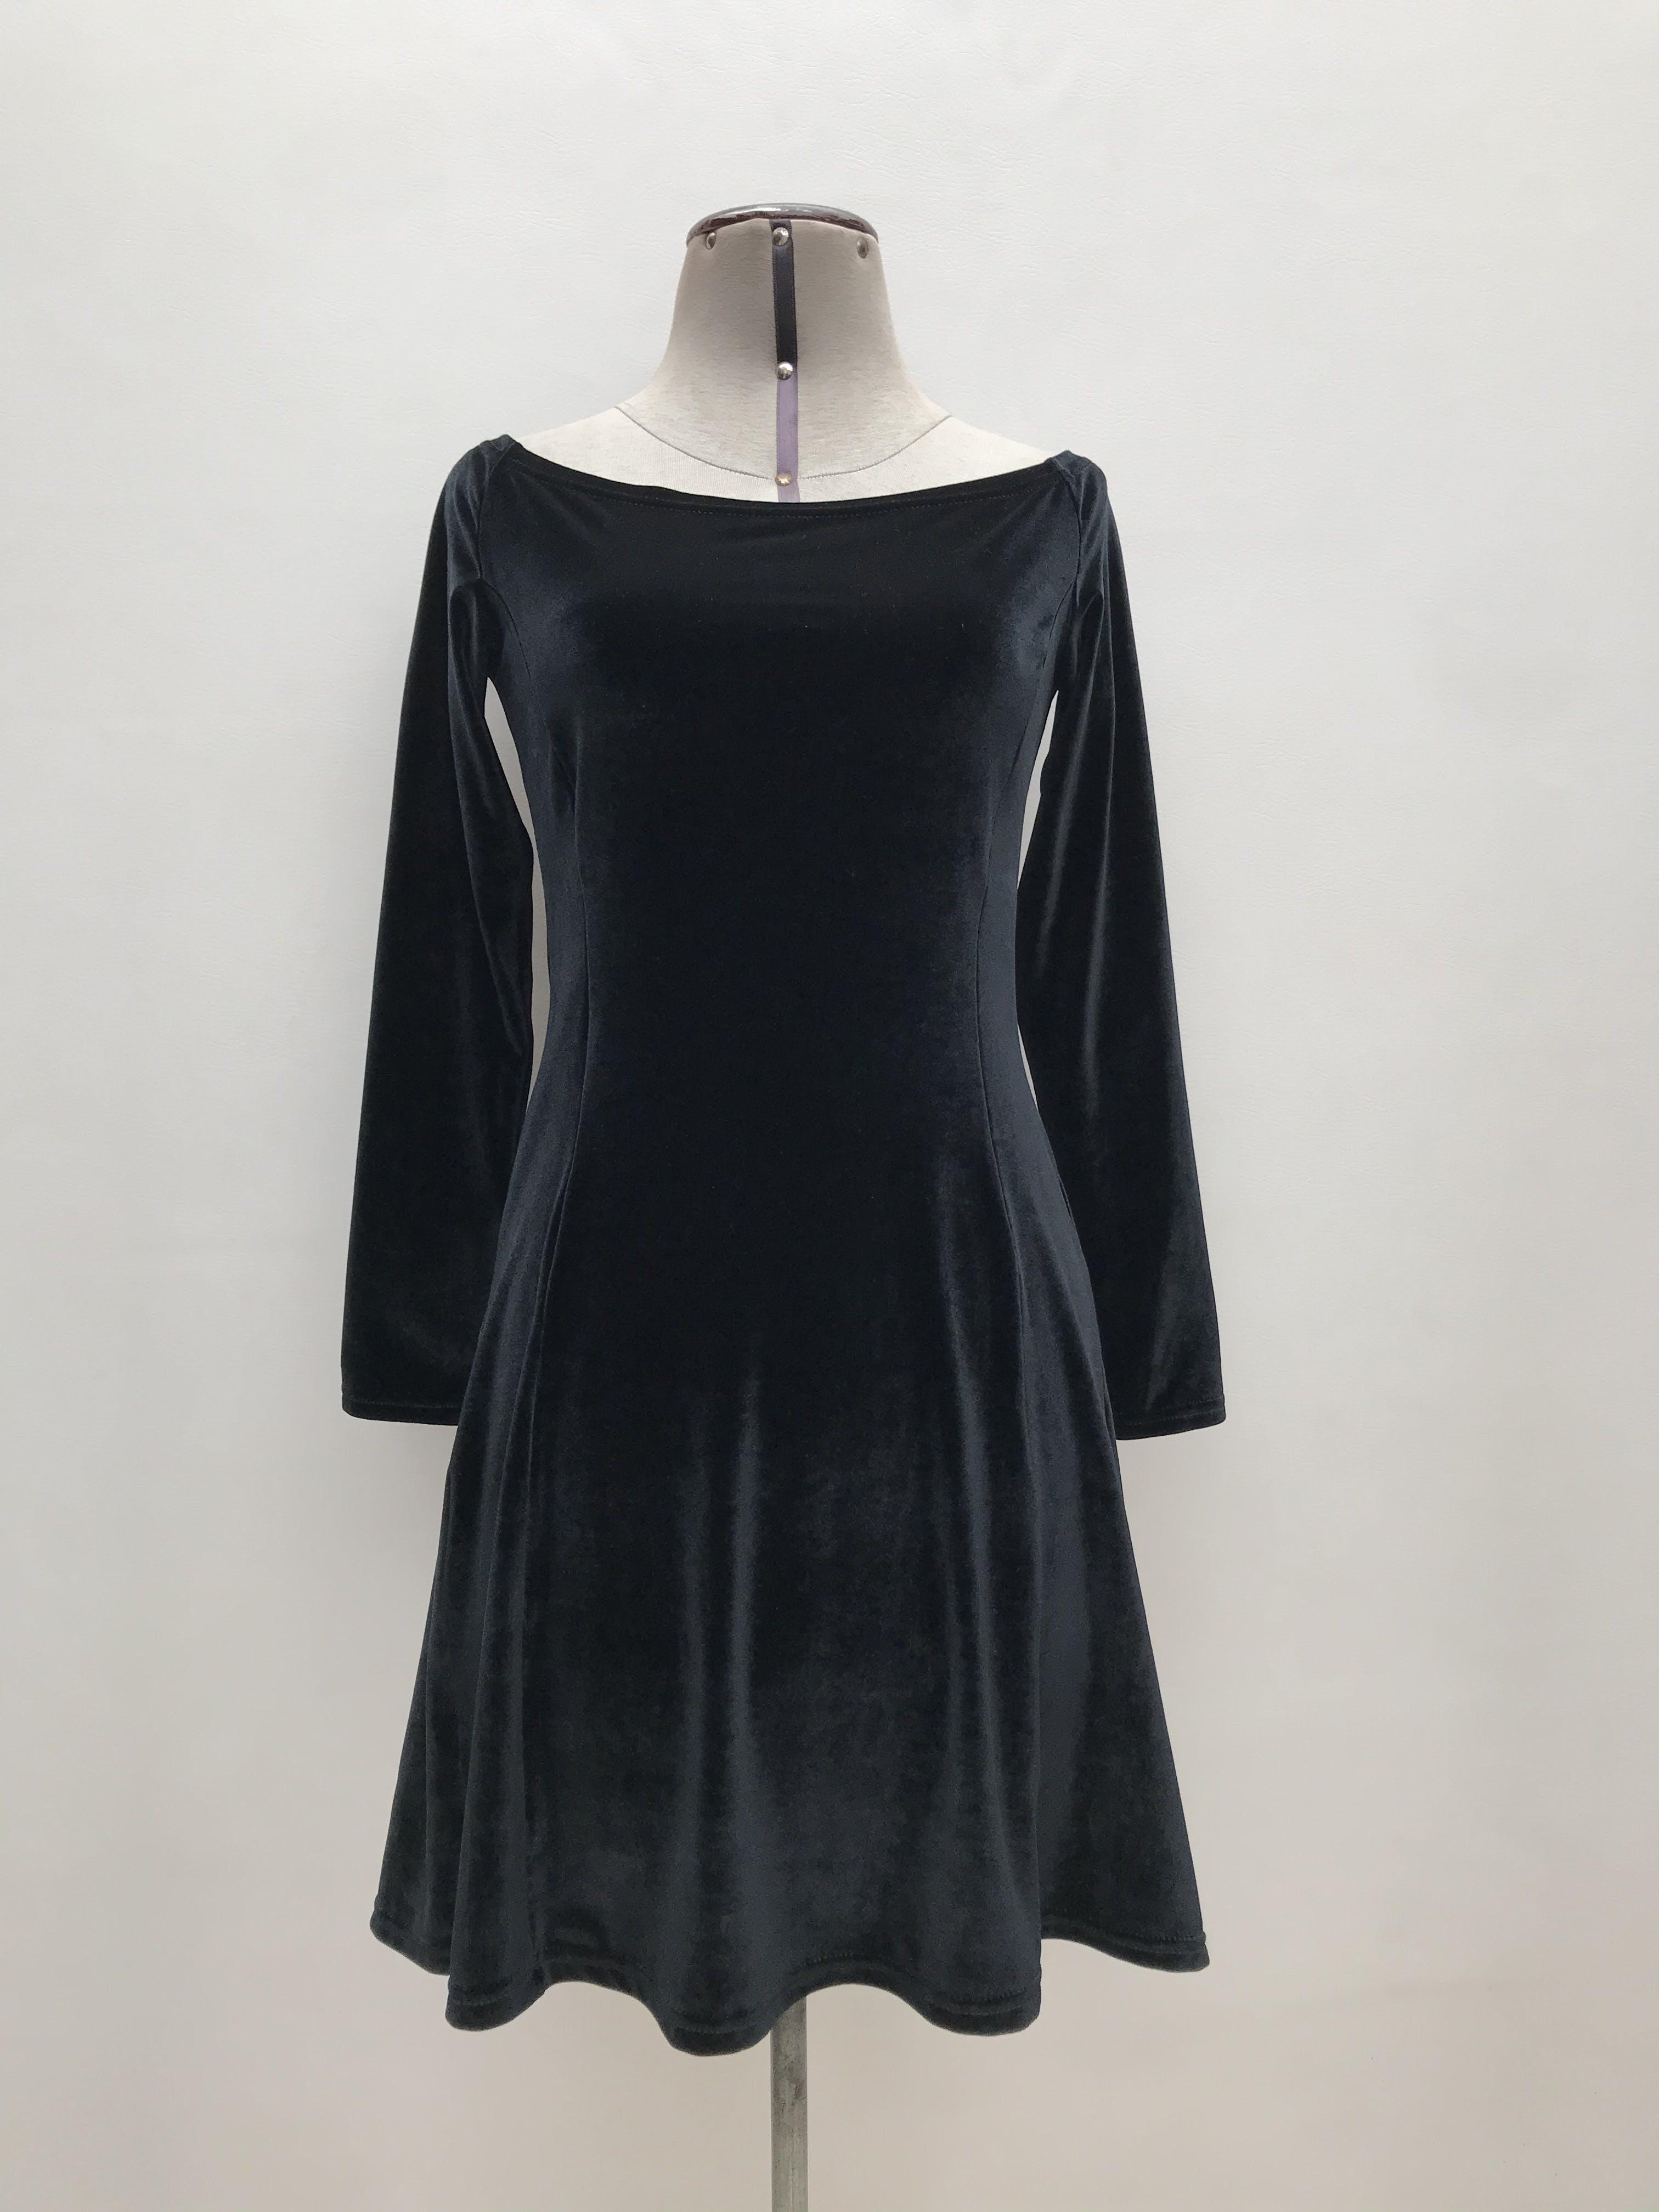 Vestido negro de plush, cuello ojal, manga larga, pinzas y falda en A. Largo 83cm